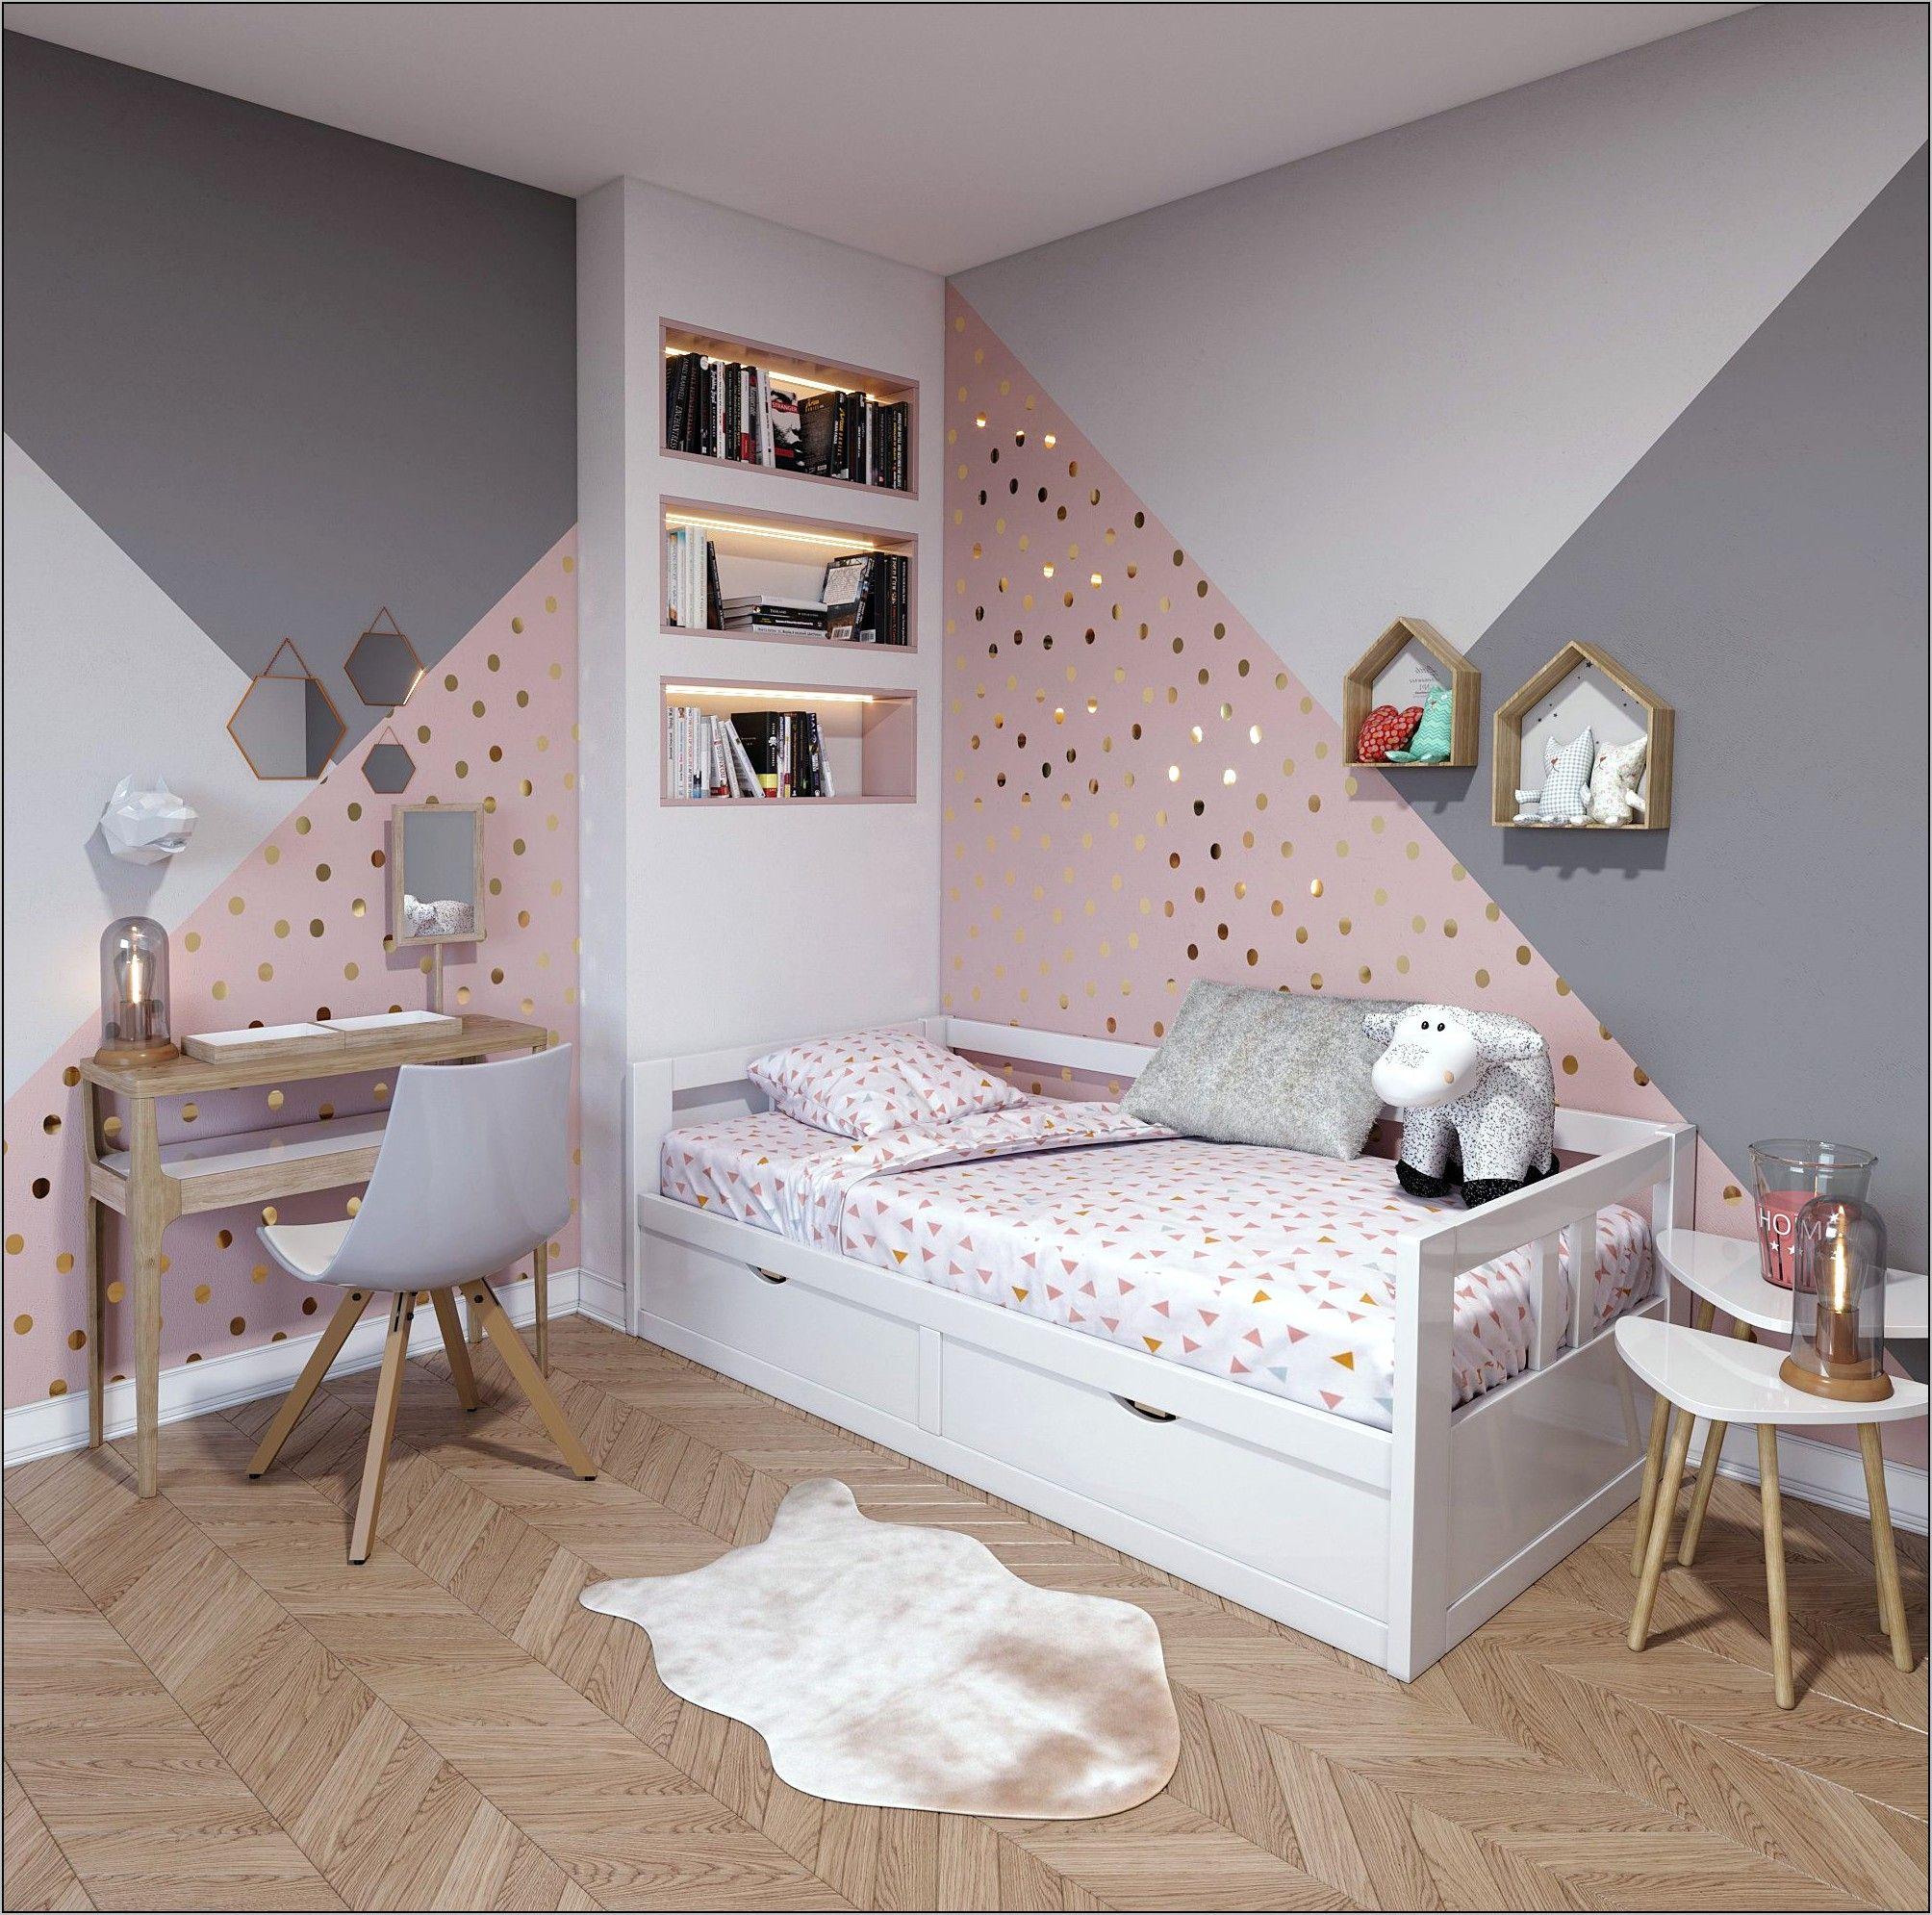 Deco Chambre Ado Garcon Design deco chambre ado garcon gris cinema en 2020 | chambre enfant